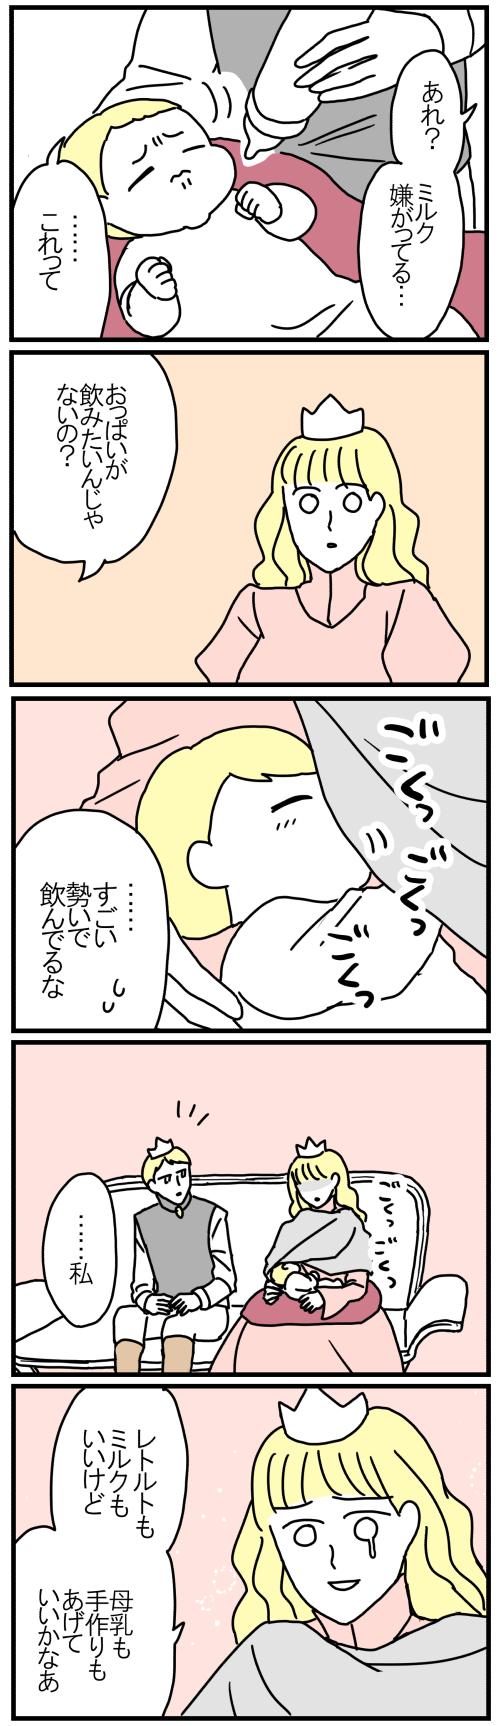 王子が気づかせてくれたこと / ママはねむり姫 第6話の画像3